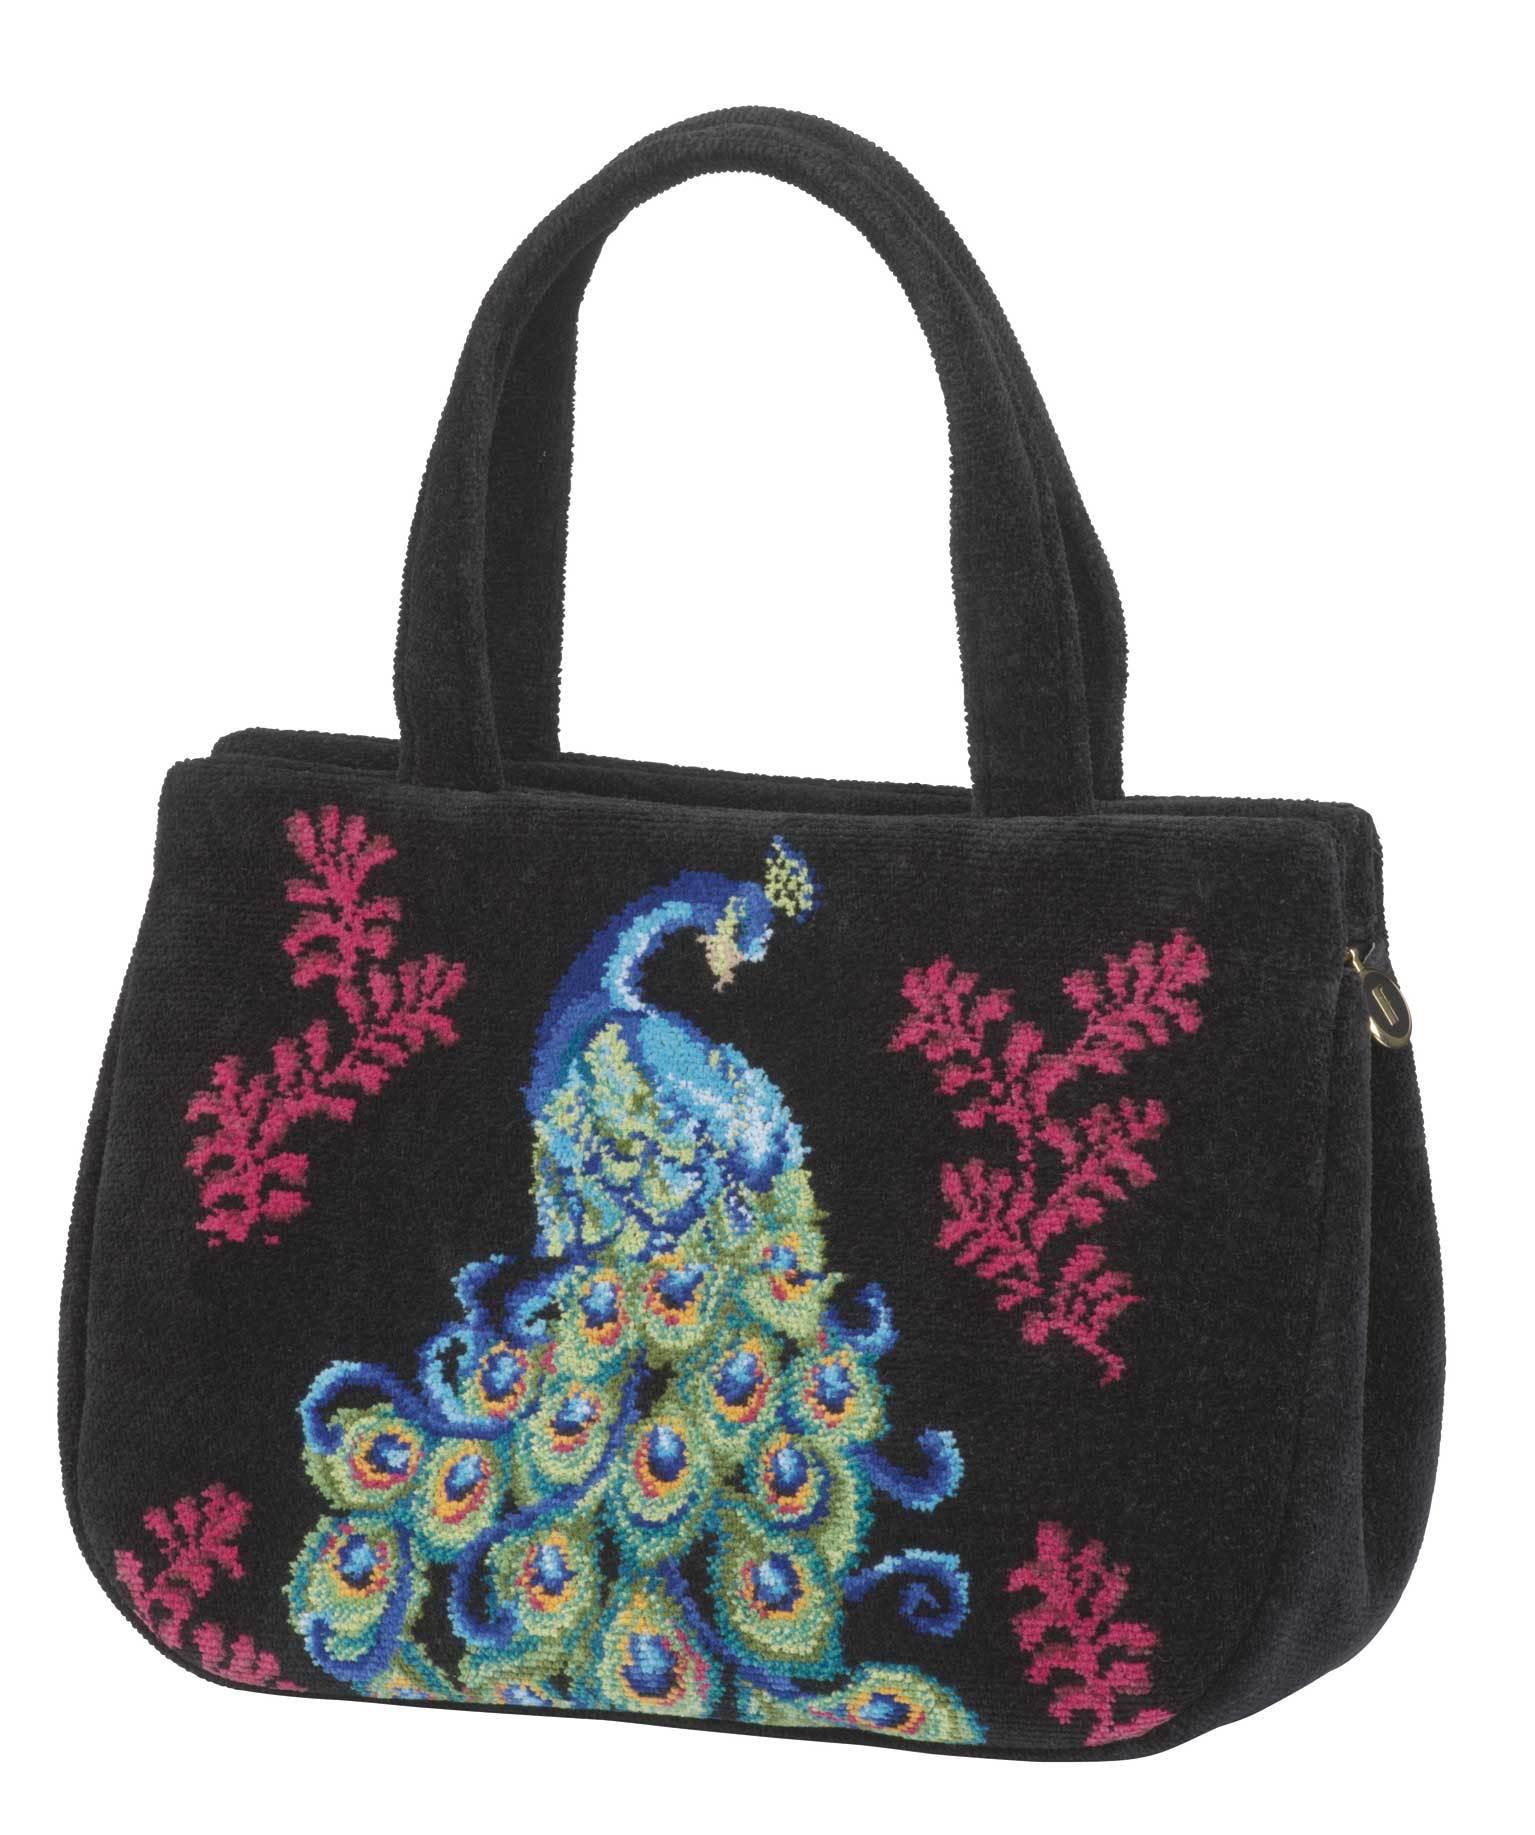 Элитная сумка шенилловая Peacock от Feiler